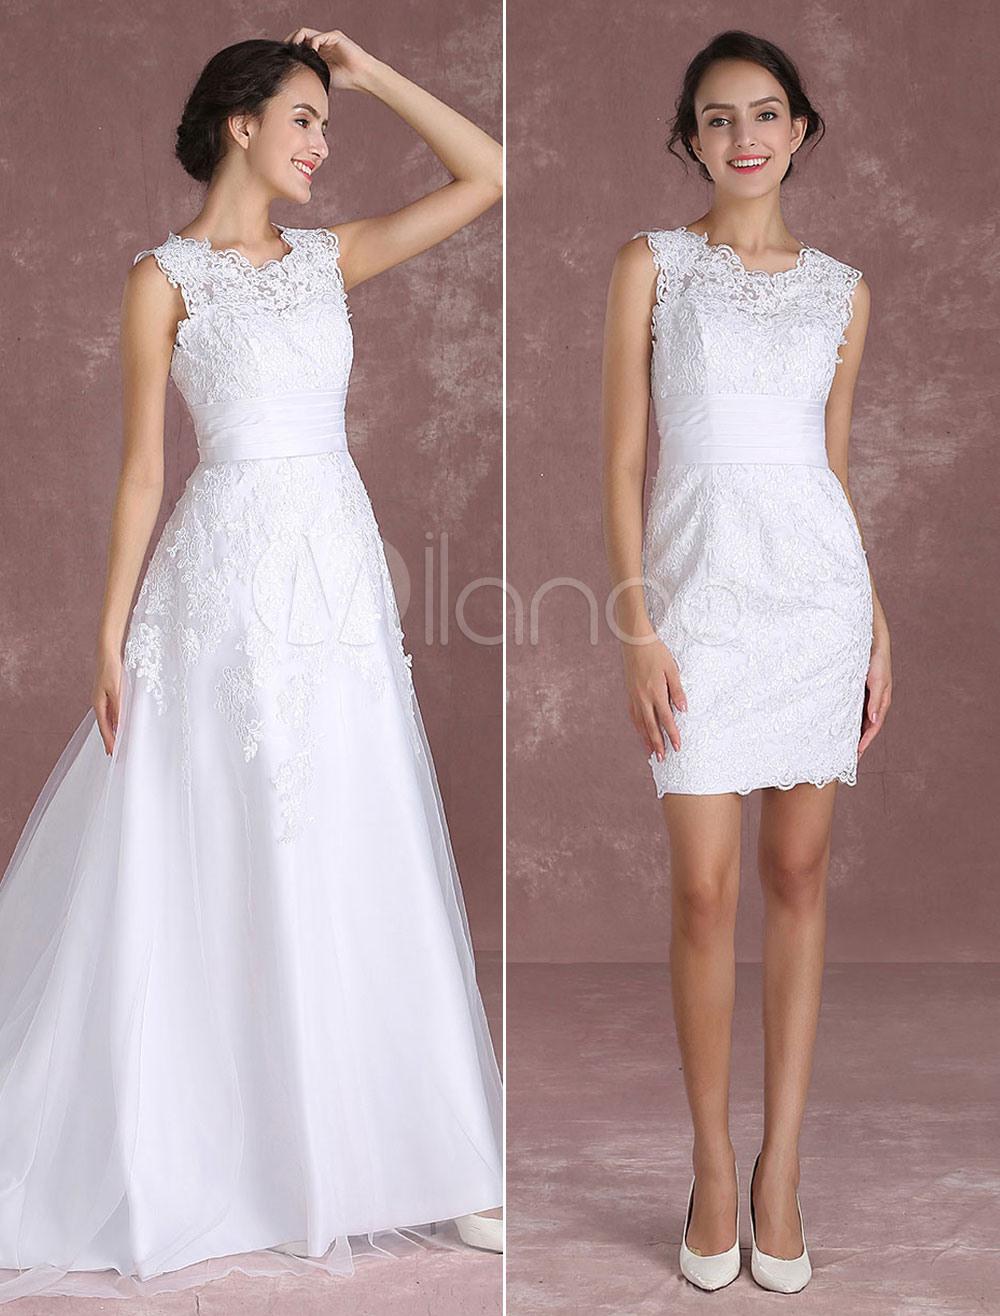 Spitzenbrautkleid 2020 Hochzeit Kleid In Weiß Mit Falten Und Reißverschluss  Satingewebe Mit Schleppe